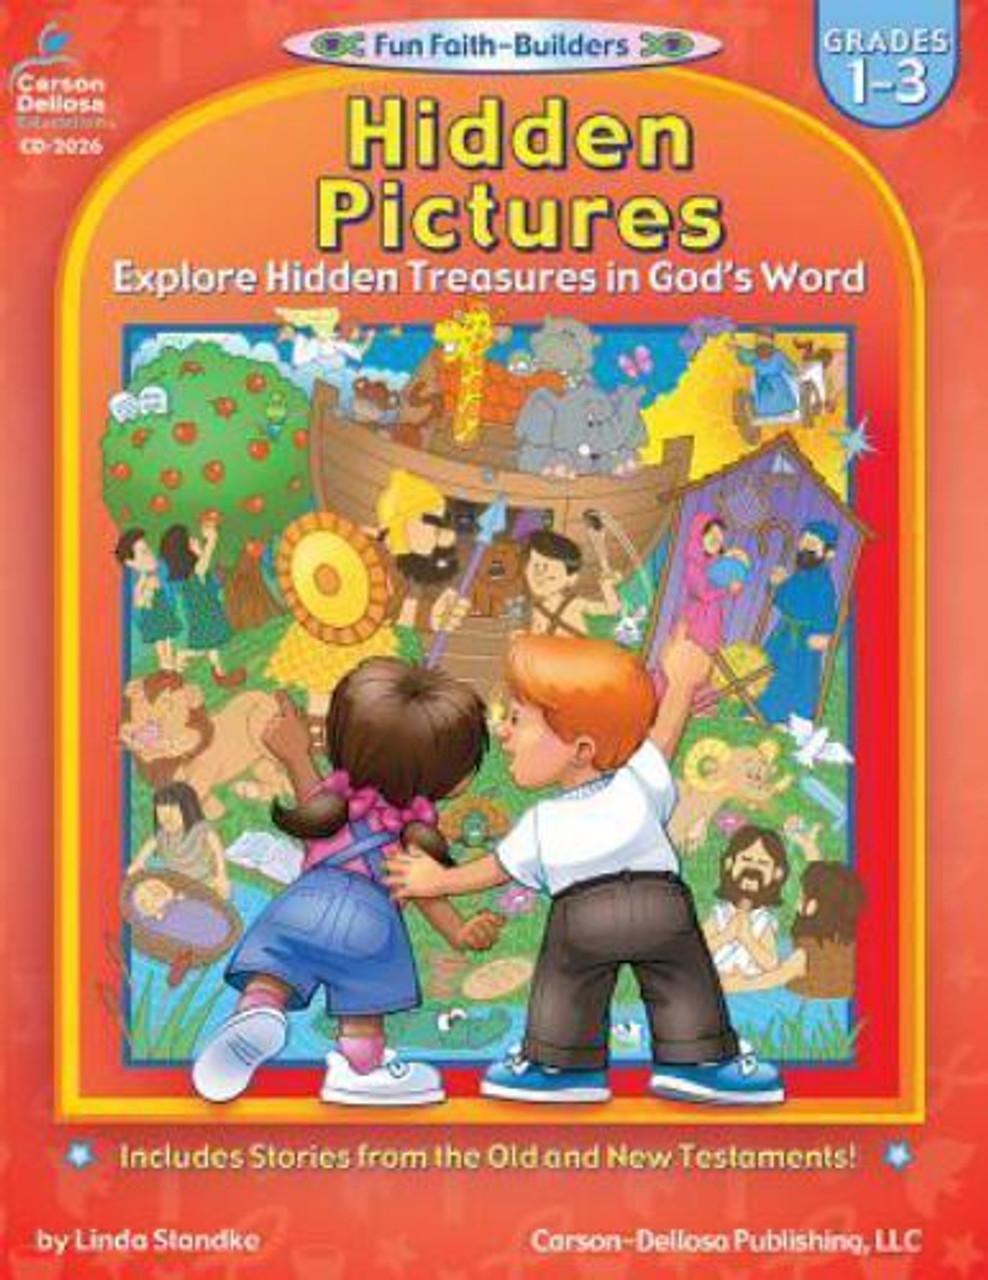 Hidden Pictures Grades 1-3